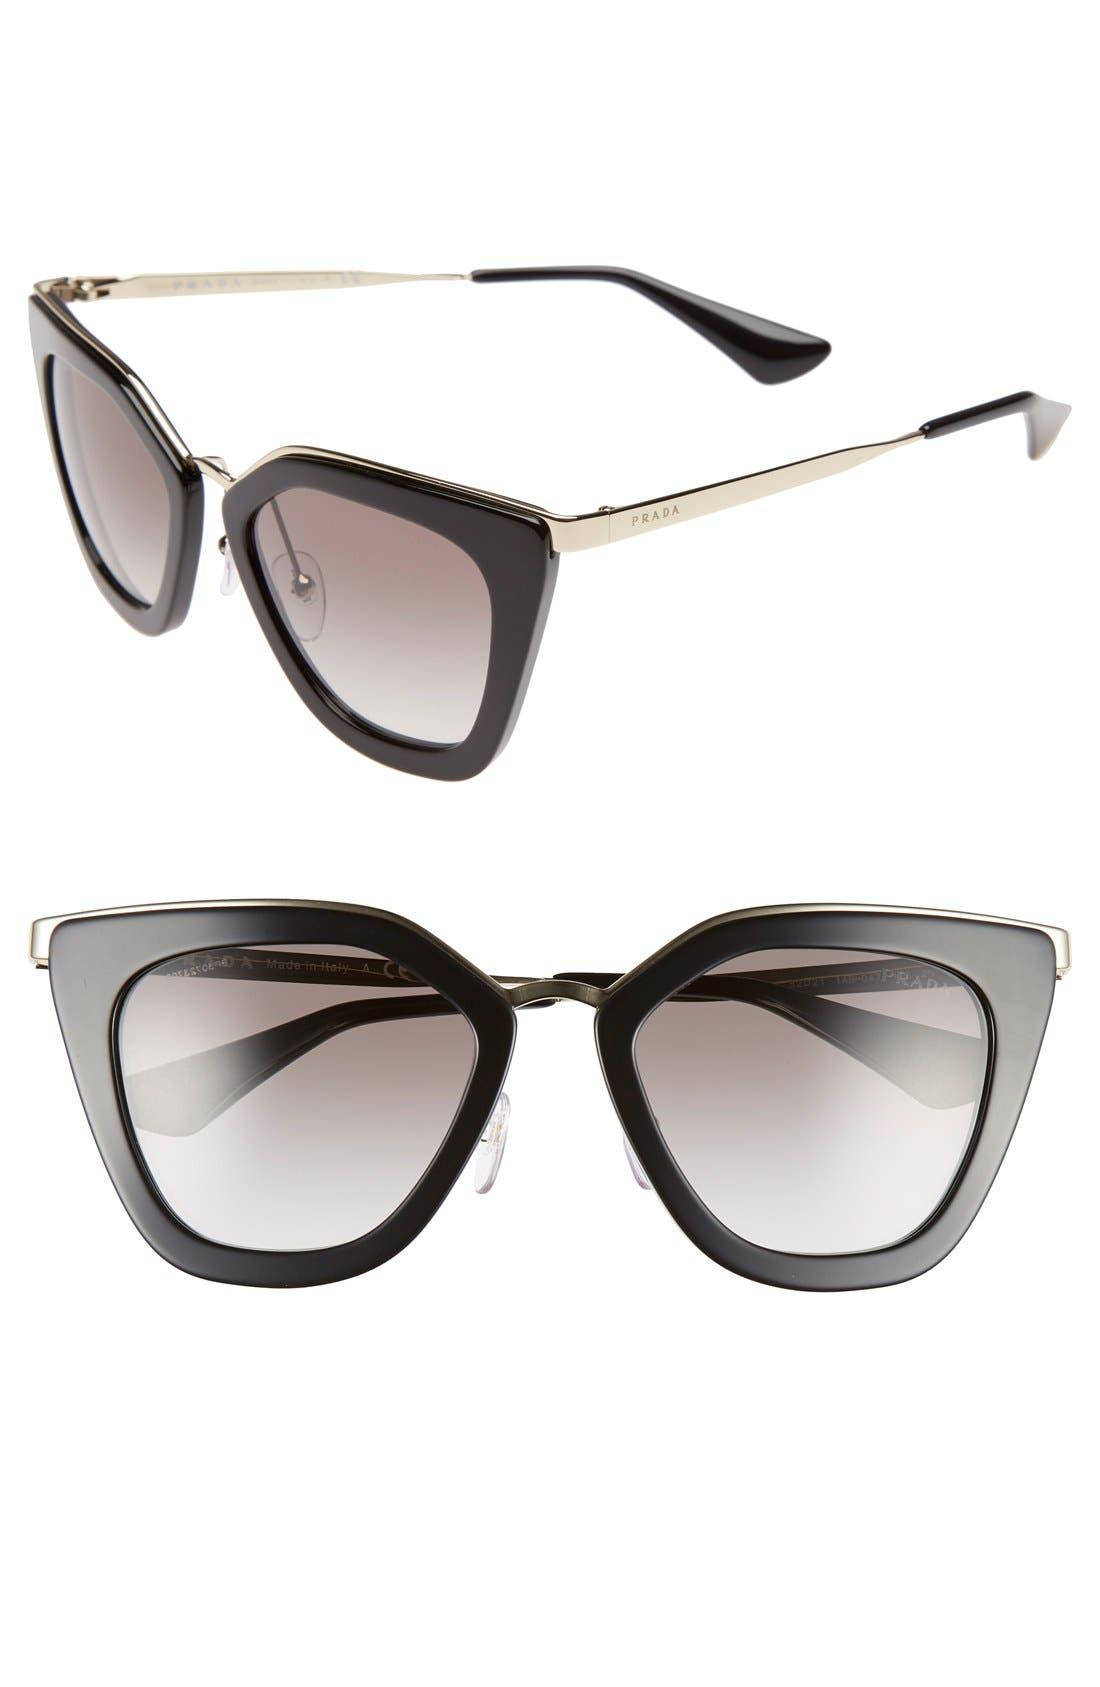 Alternate Image 1 Selected - Prada 52mm Cat Eye Sunglasses